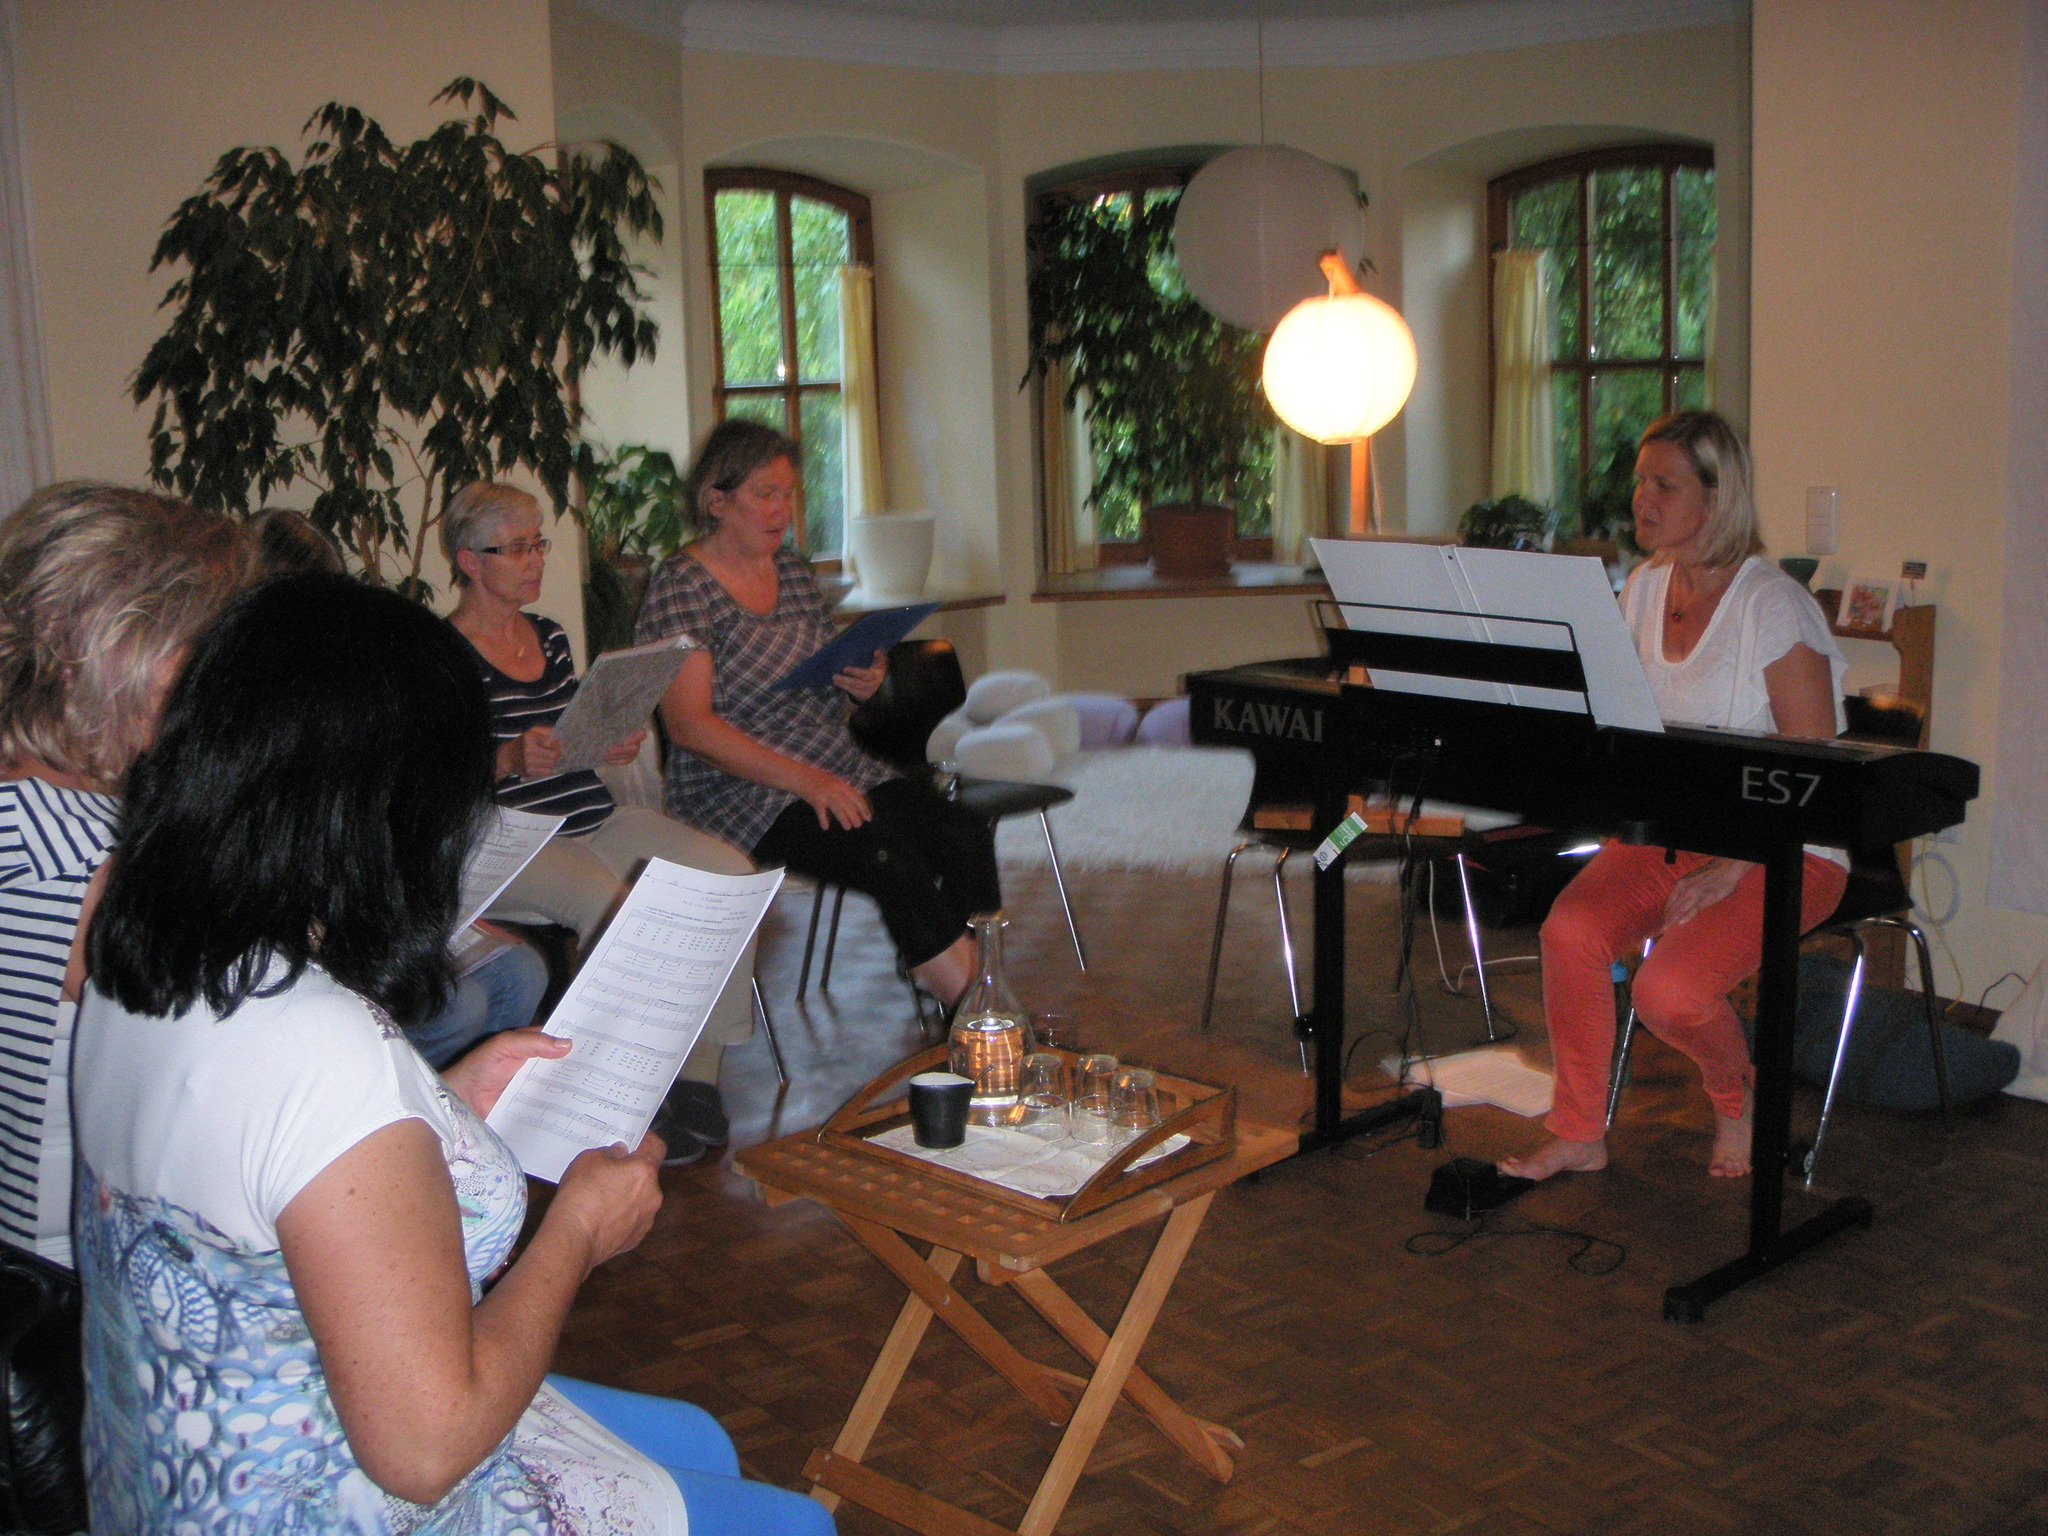 Chatte mit Frauen in Braunau am Inn | sterreich | comunidadelectronica.com